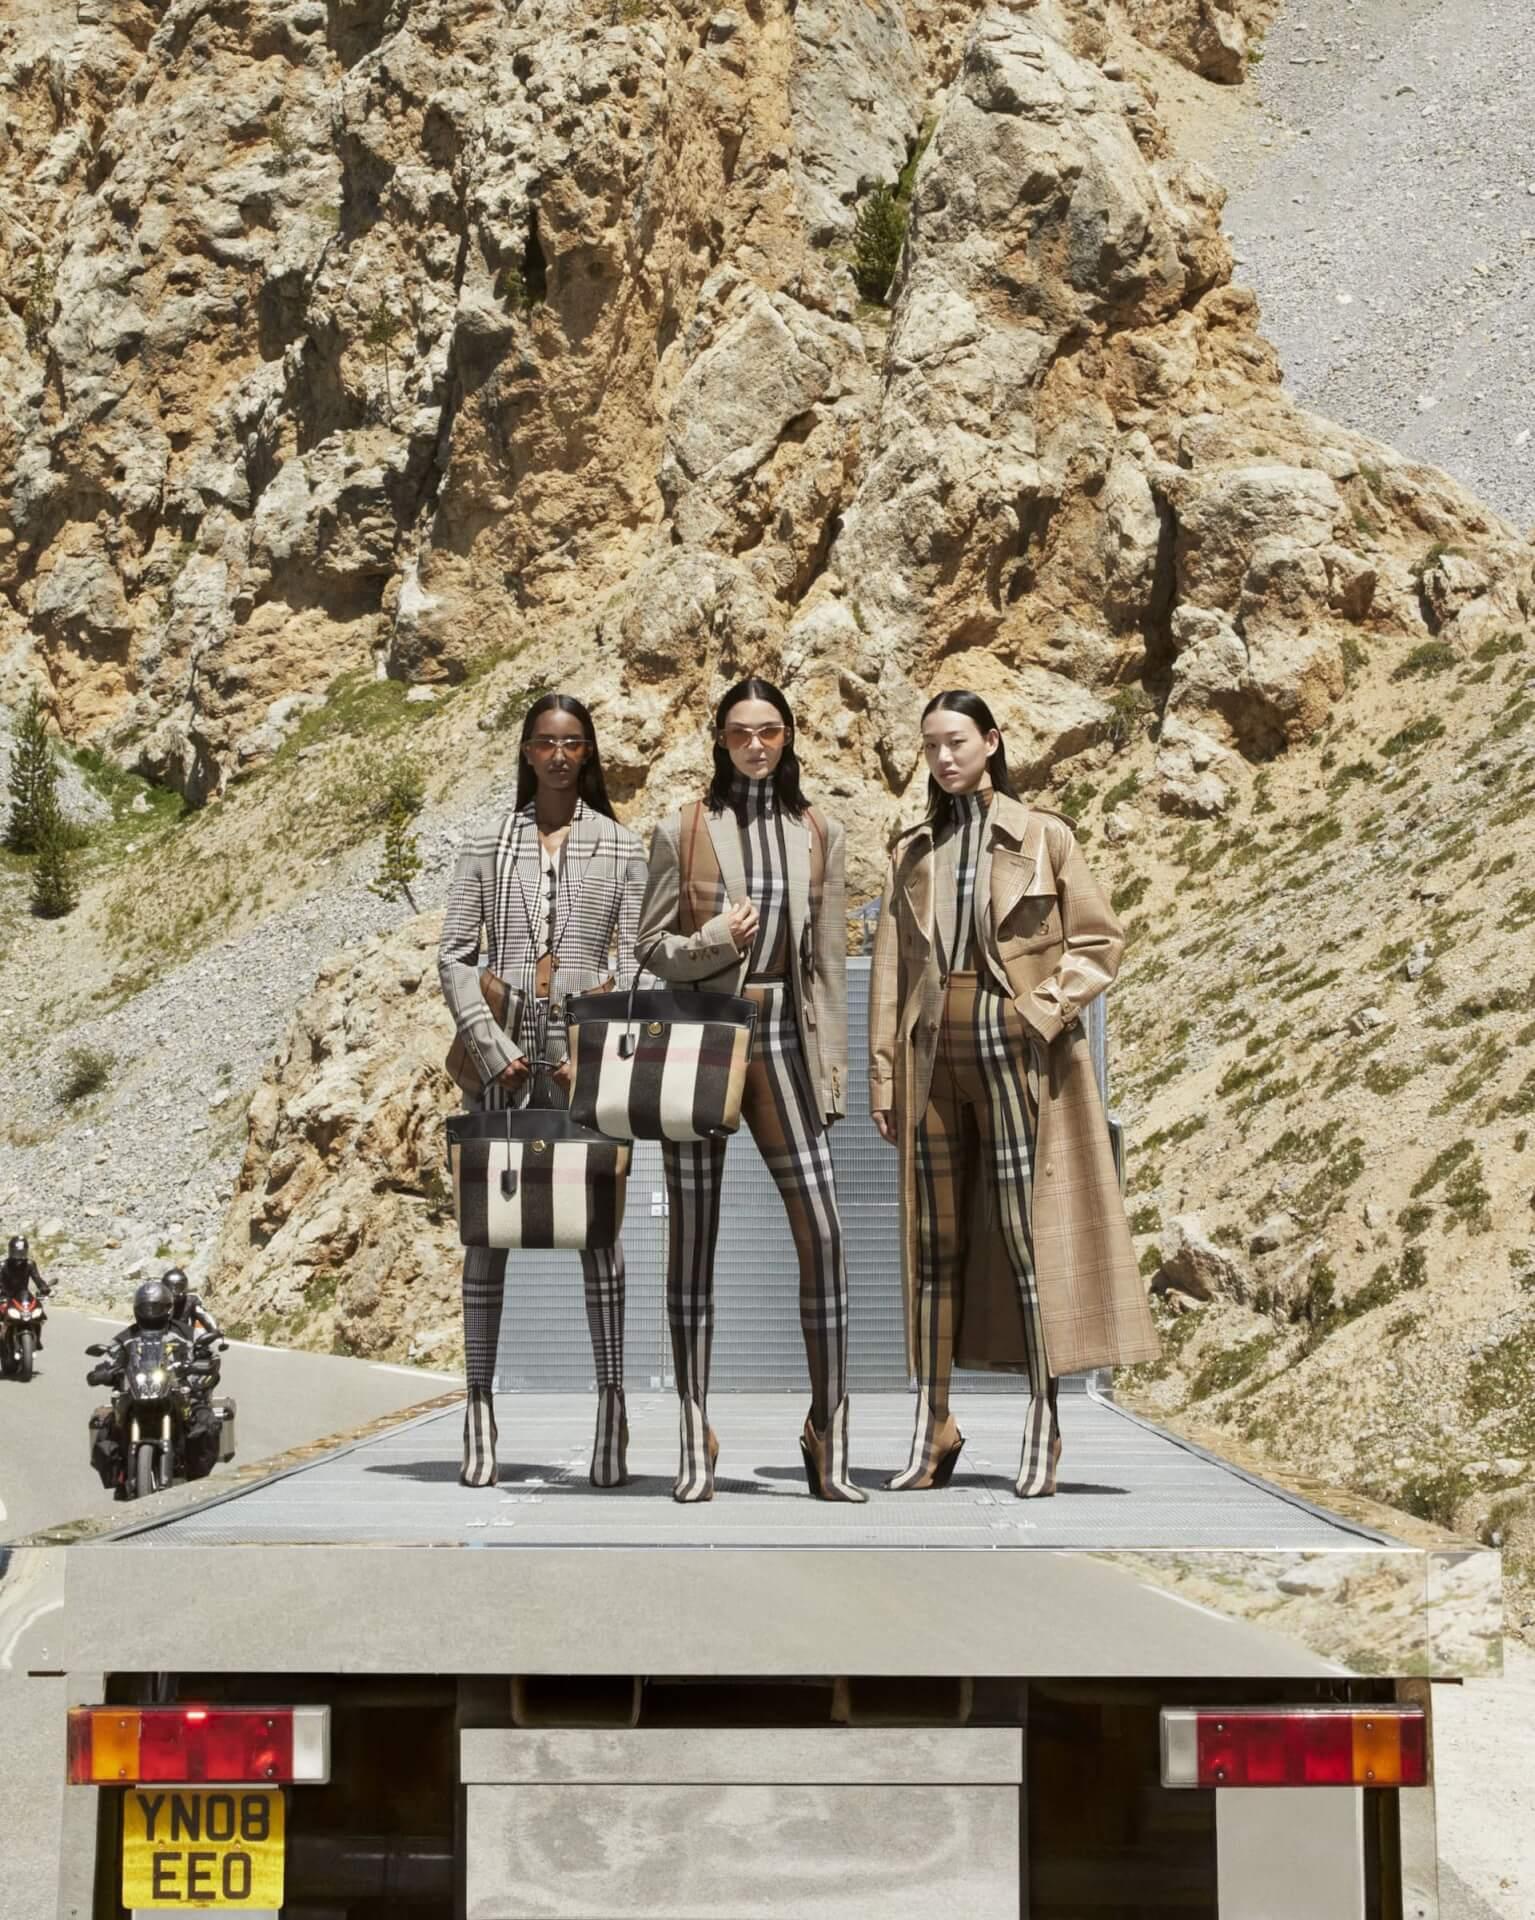 バーバリー2020年秋冬コレクションのキャンペーンが公開!マリアカルラ・ボスコーノやモナ・トゥガードらを起用 fashion2020924-Burberry3